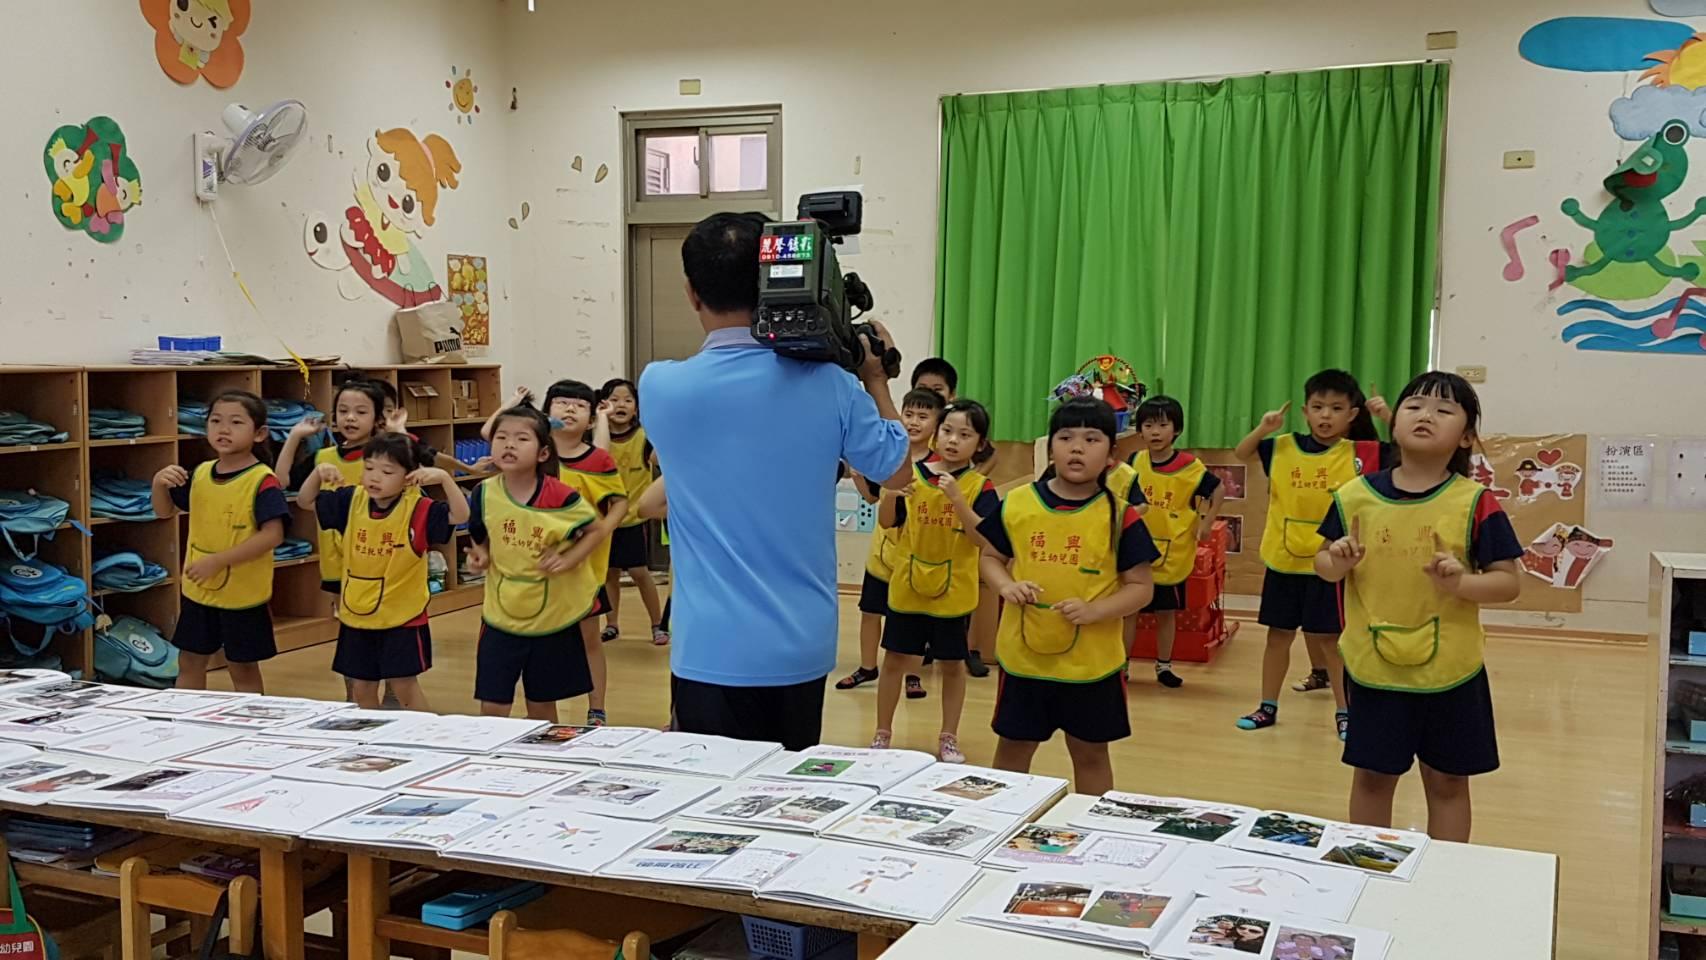 學校活動拍攝